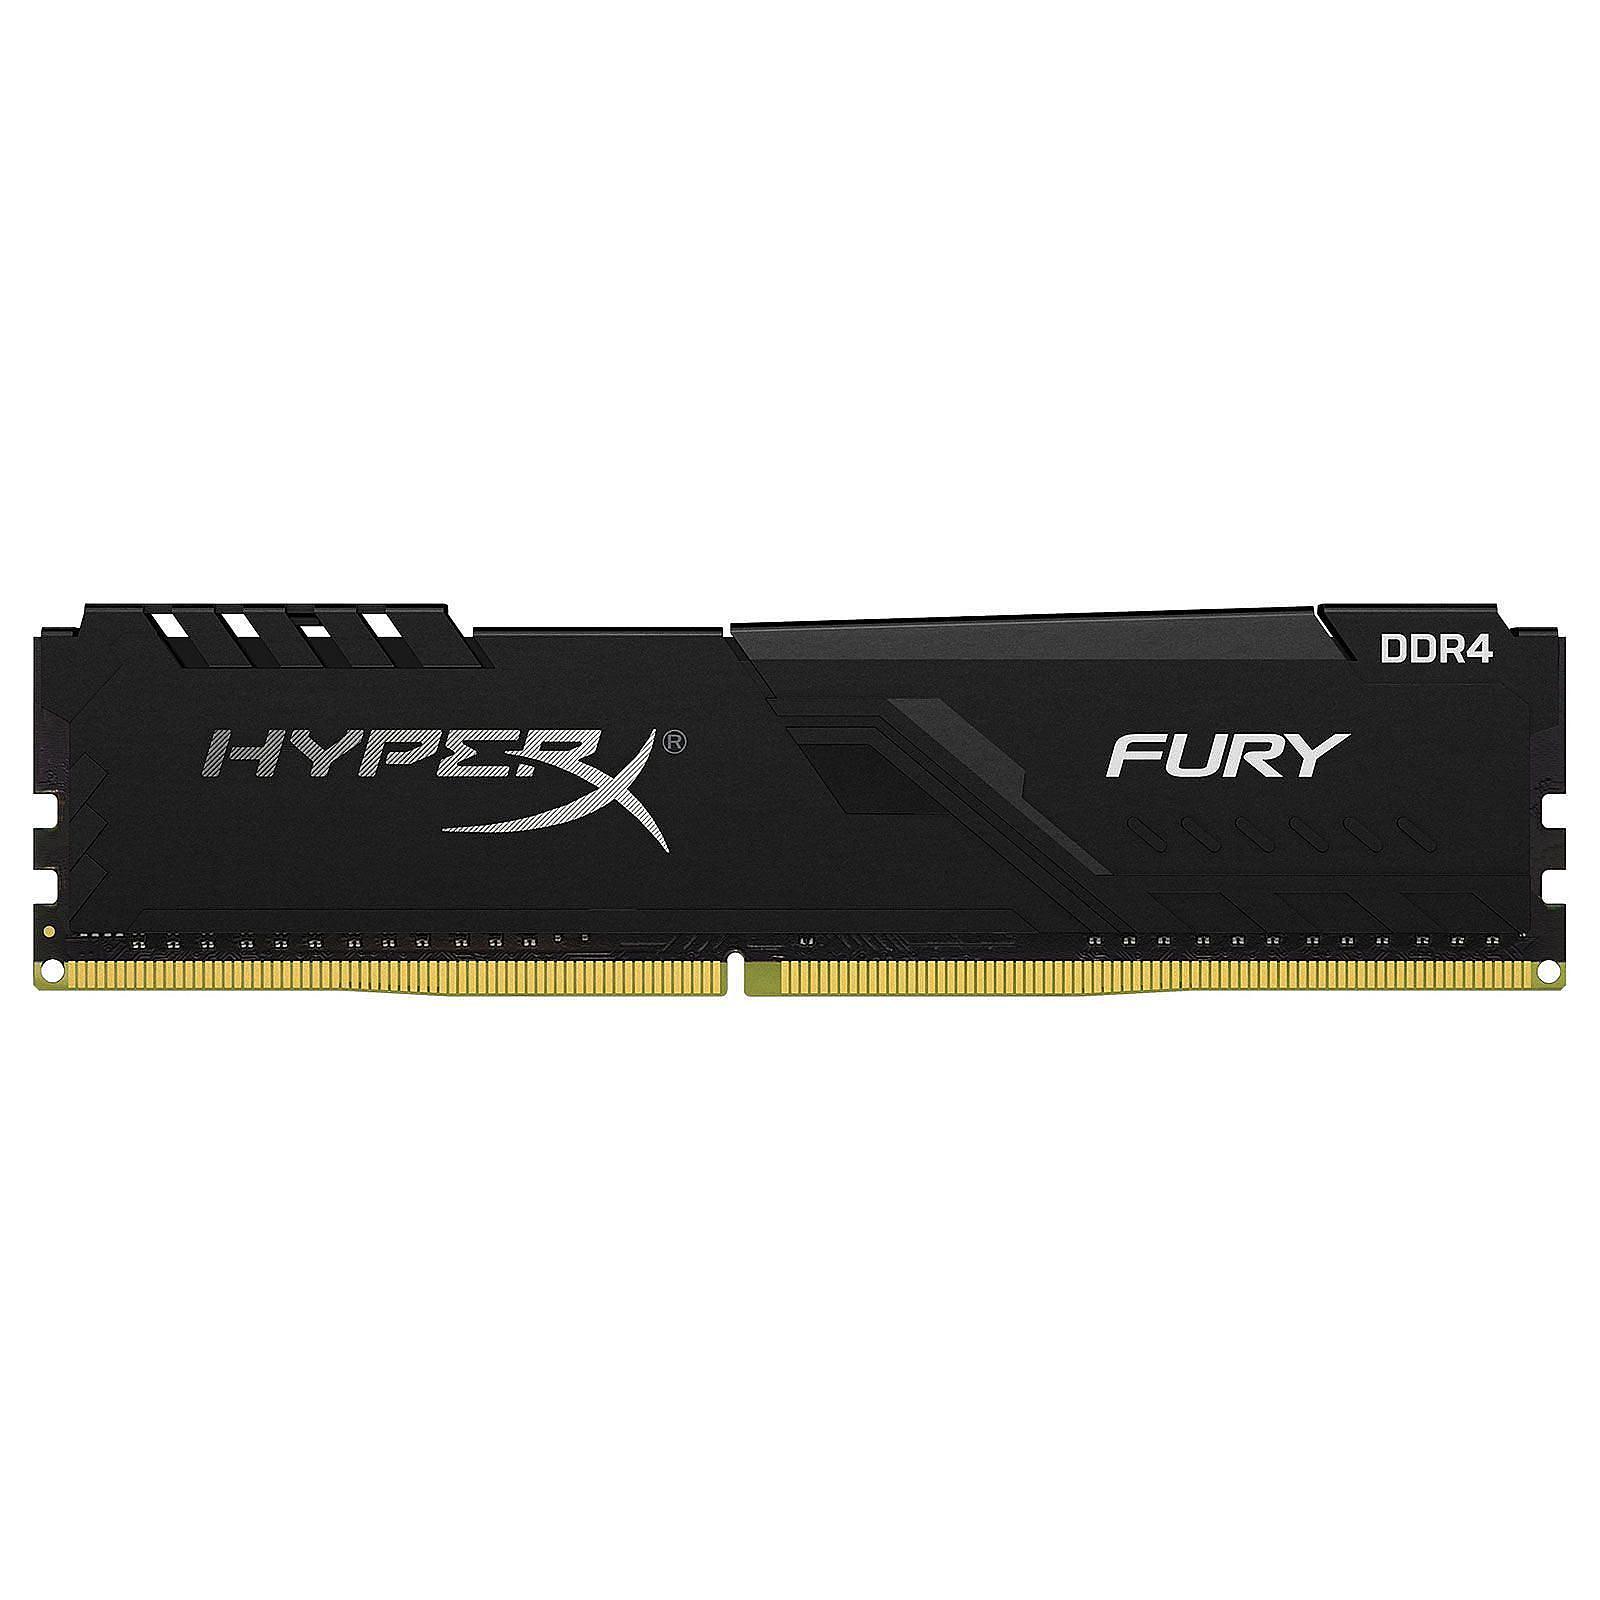 HyperX Fury 32 Go DDR4 3466 MHz CL17